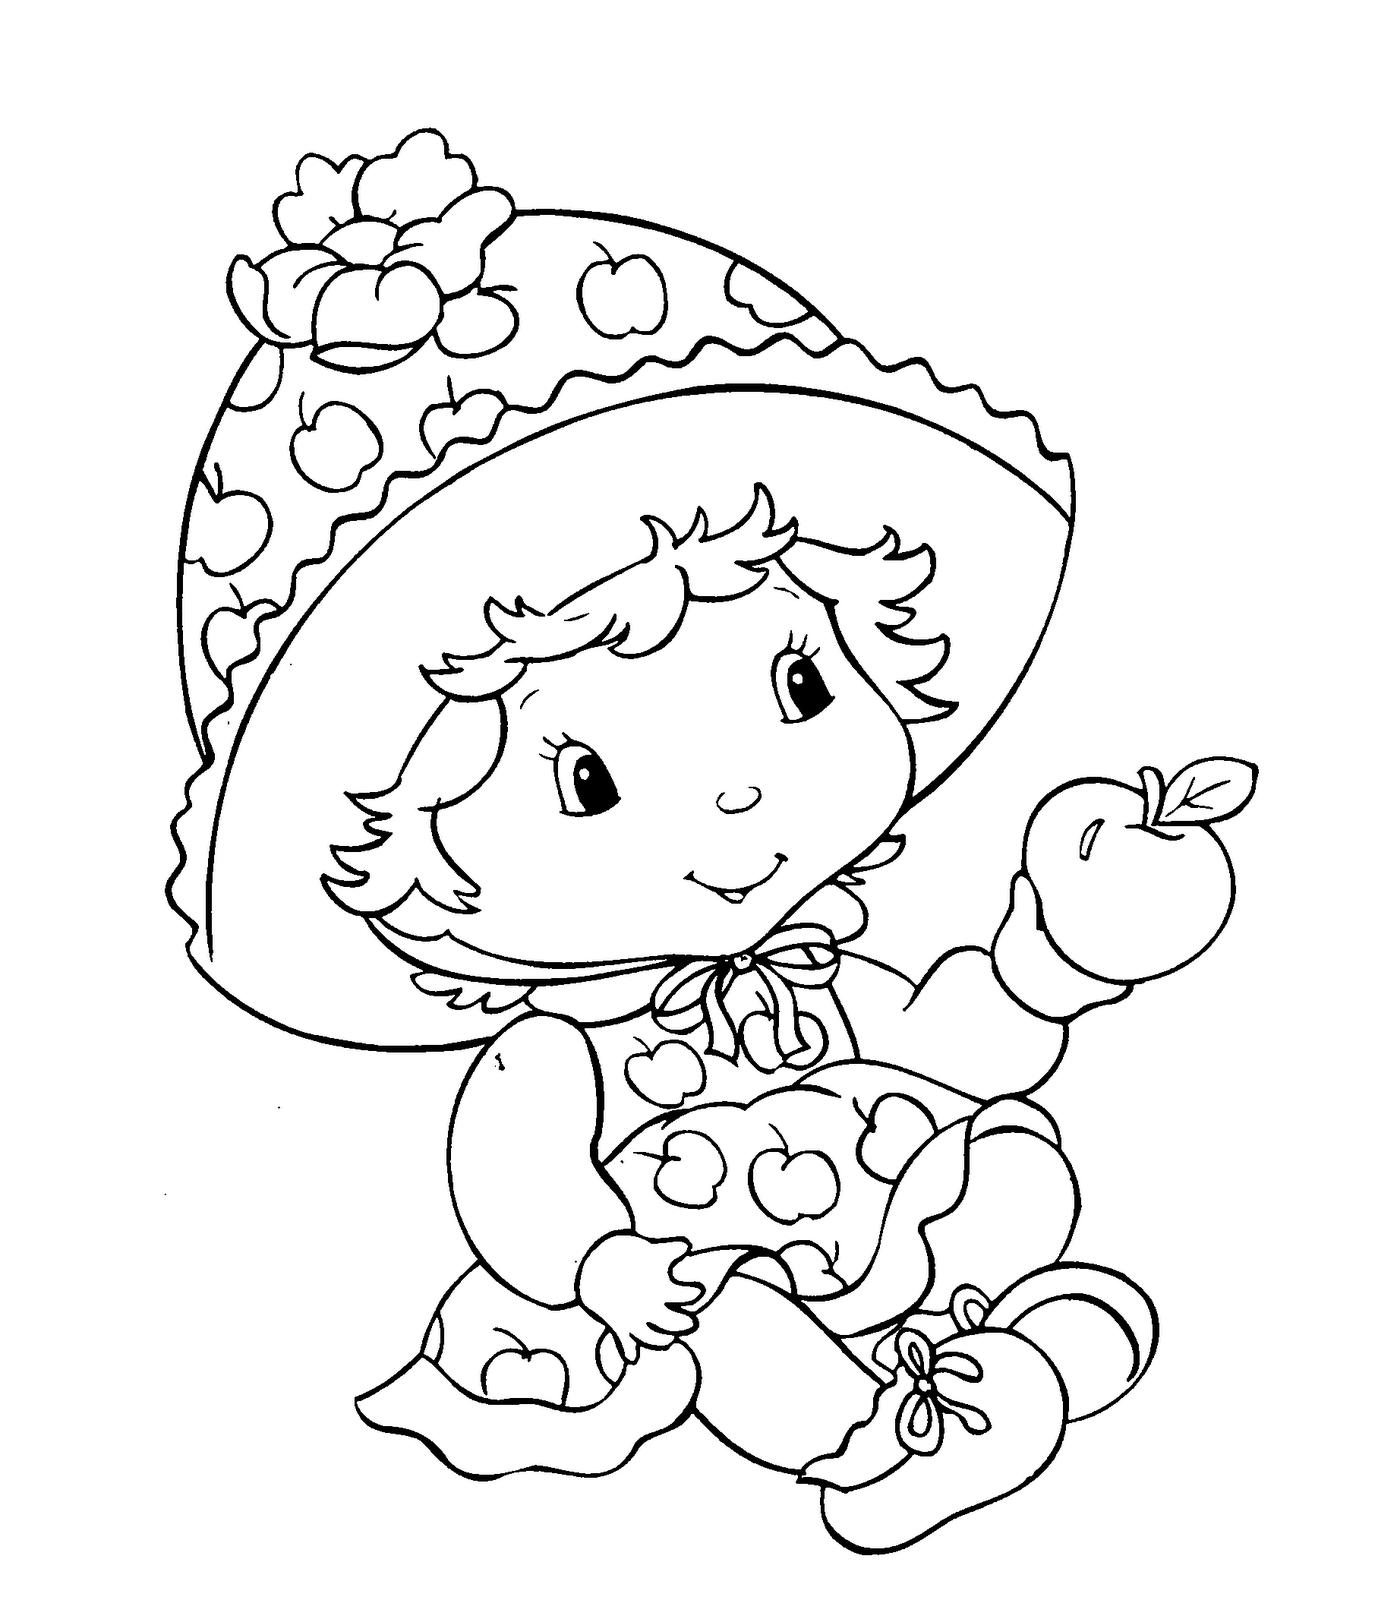 Coloriage Bébé Charlotte Aux Fraises À Imprimer Et Colorier tout Charlotte Au Fraise Coloriage